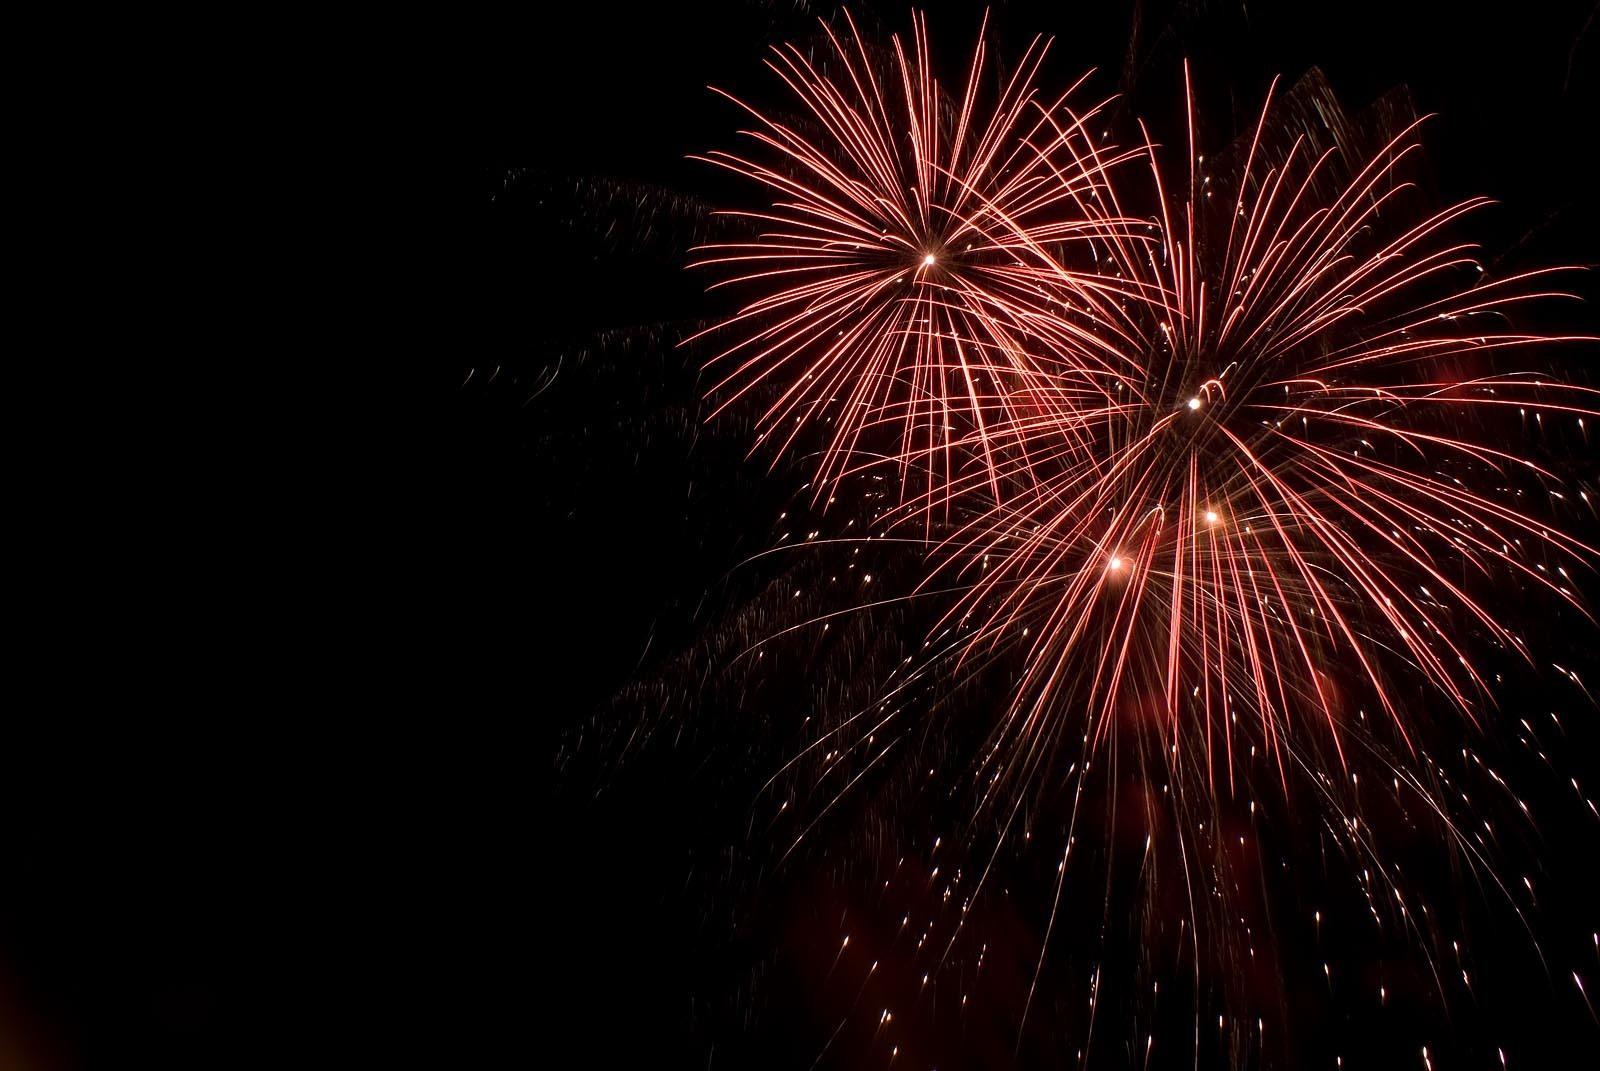 celebration new year backgrounds